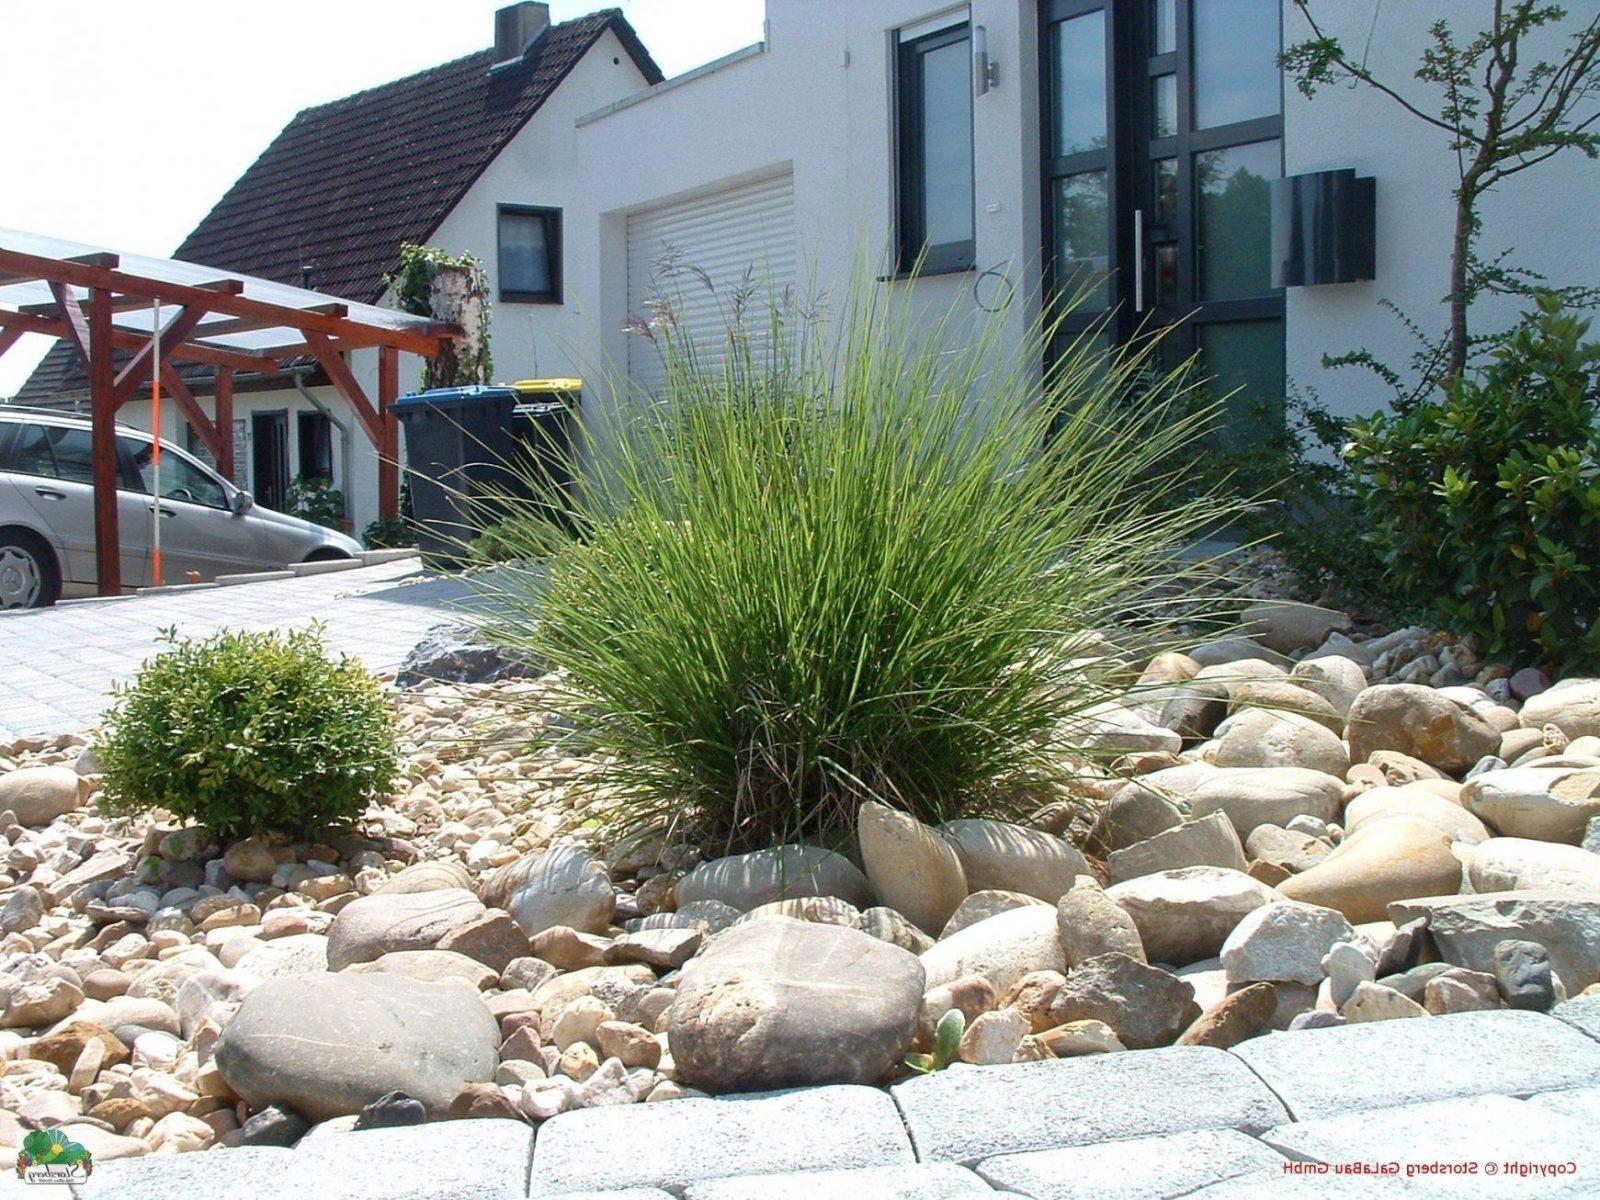 Vorgarten Steinen Gestalten Bilder Genial Vorgarten Gestalten Ideen von Hang Anlegen Mit Steinen Bild